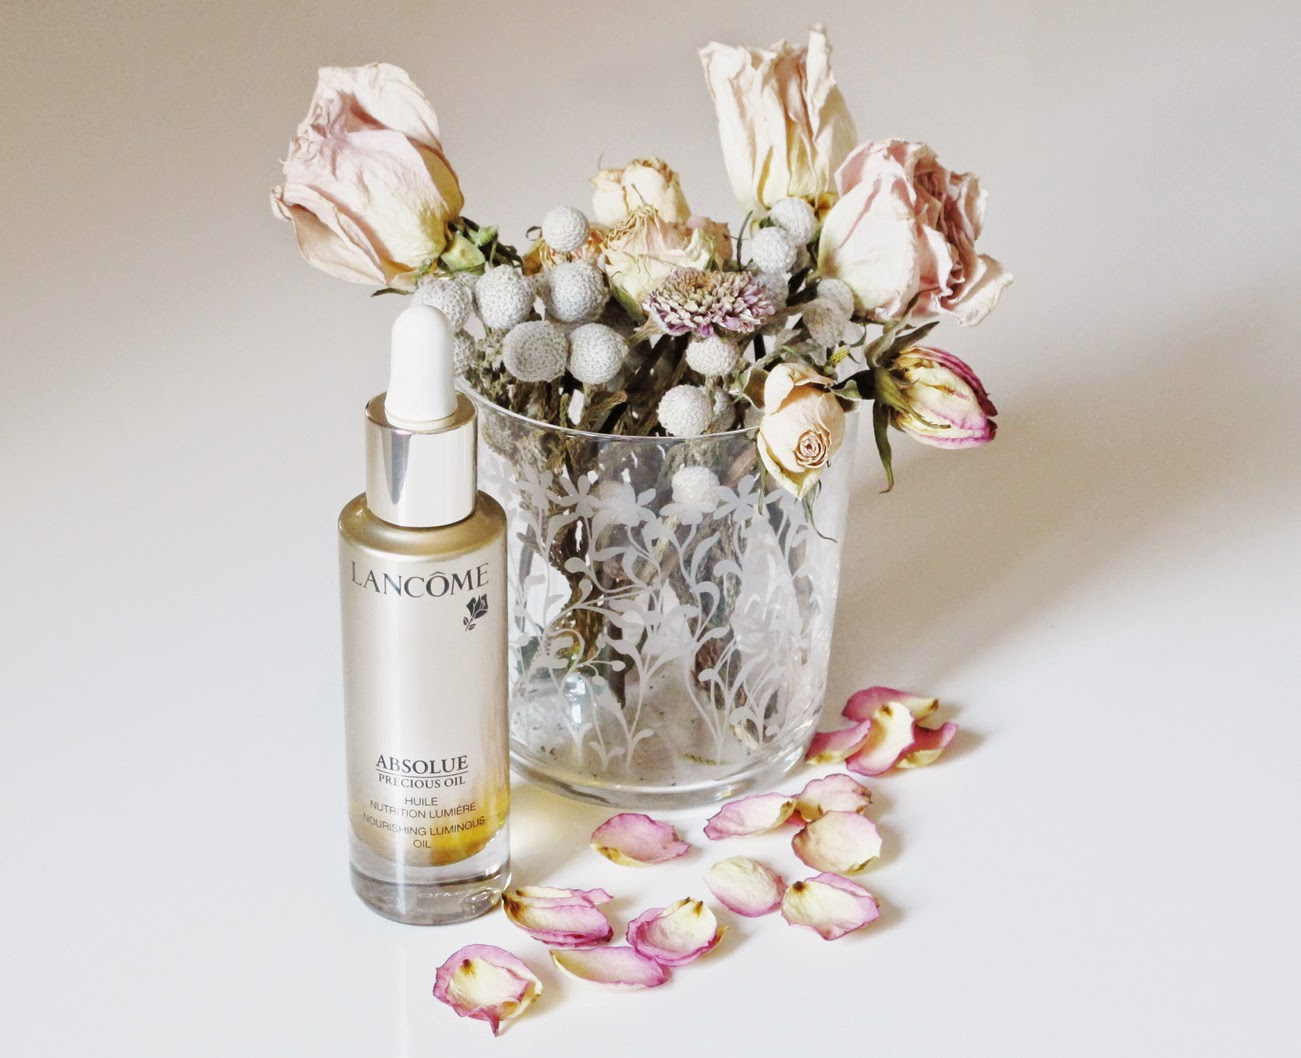 Lancôme Absolue Precious Oil Nourishing Luminous Oil